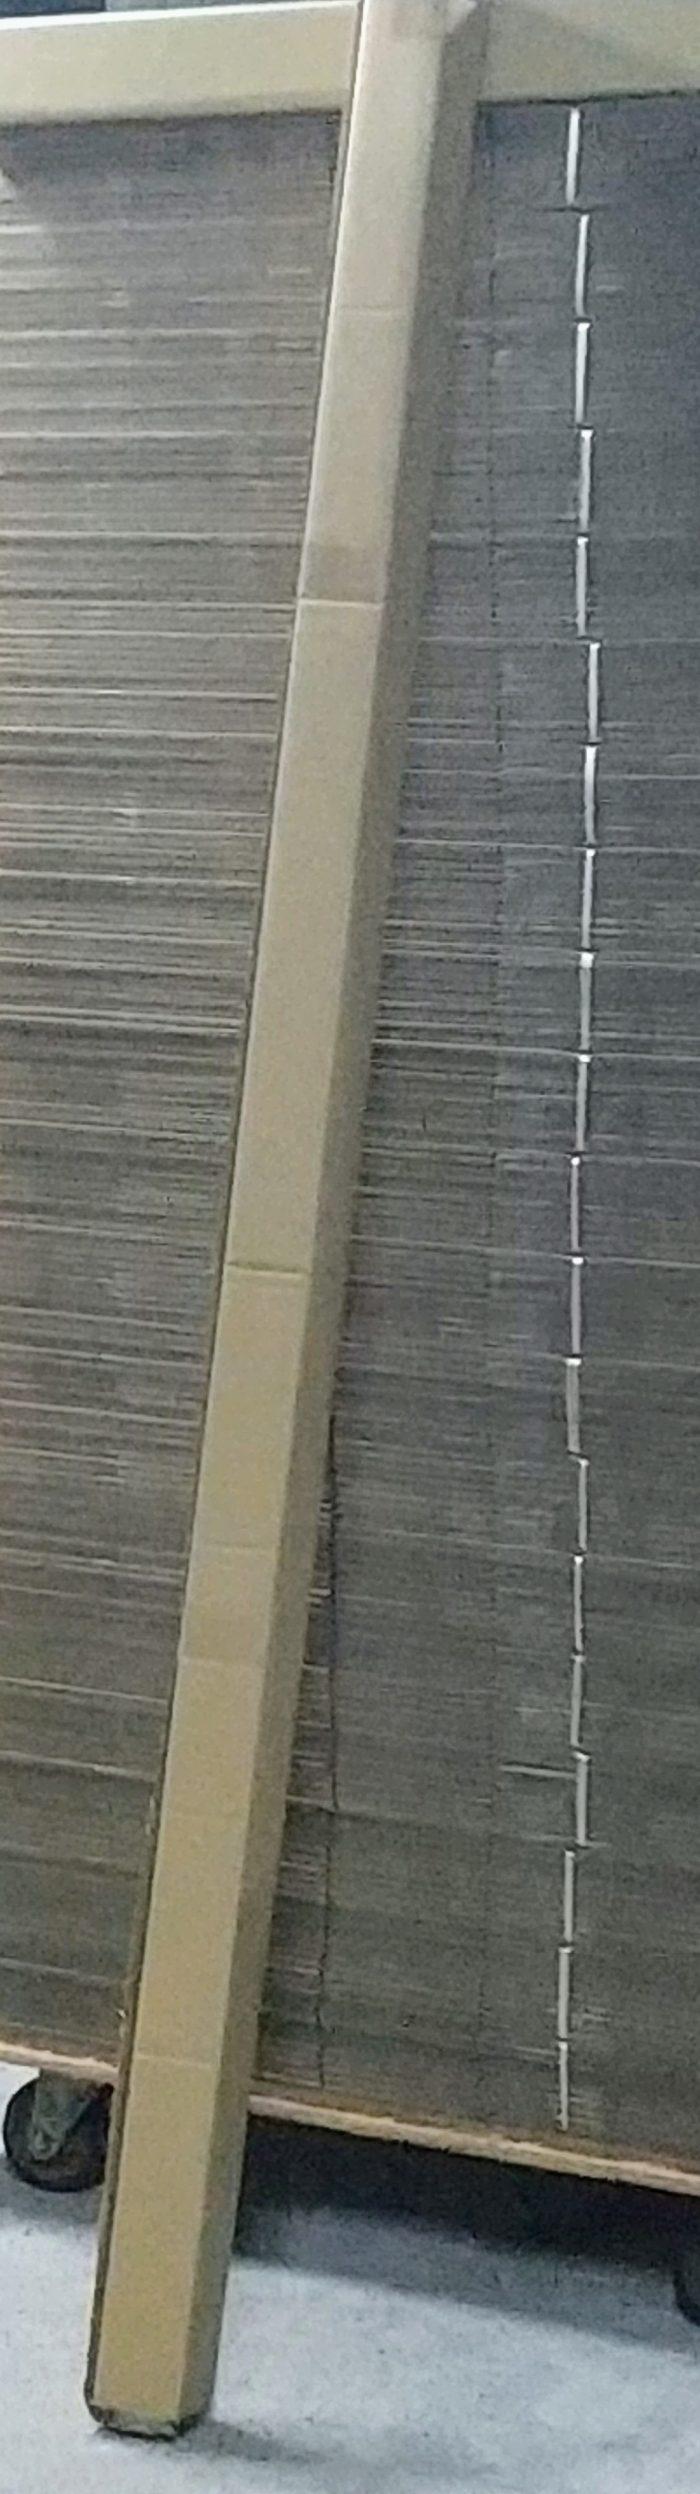 巻込み式ダンボール箱